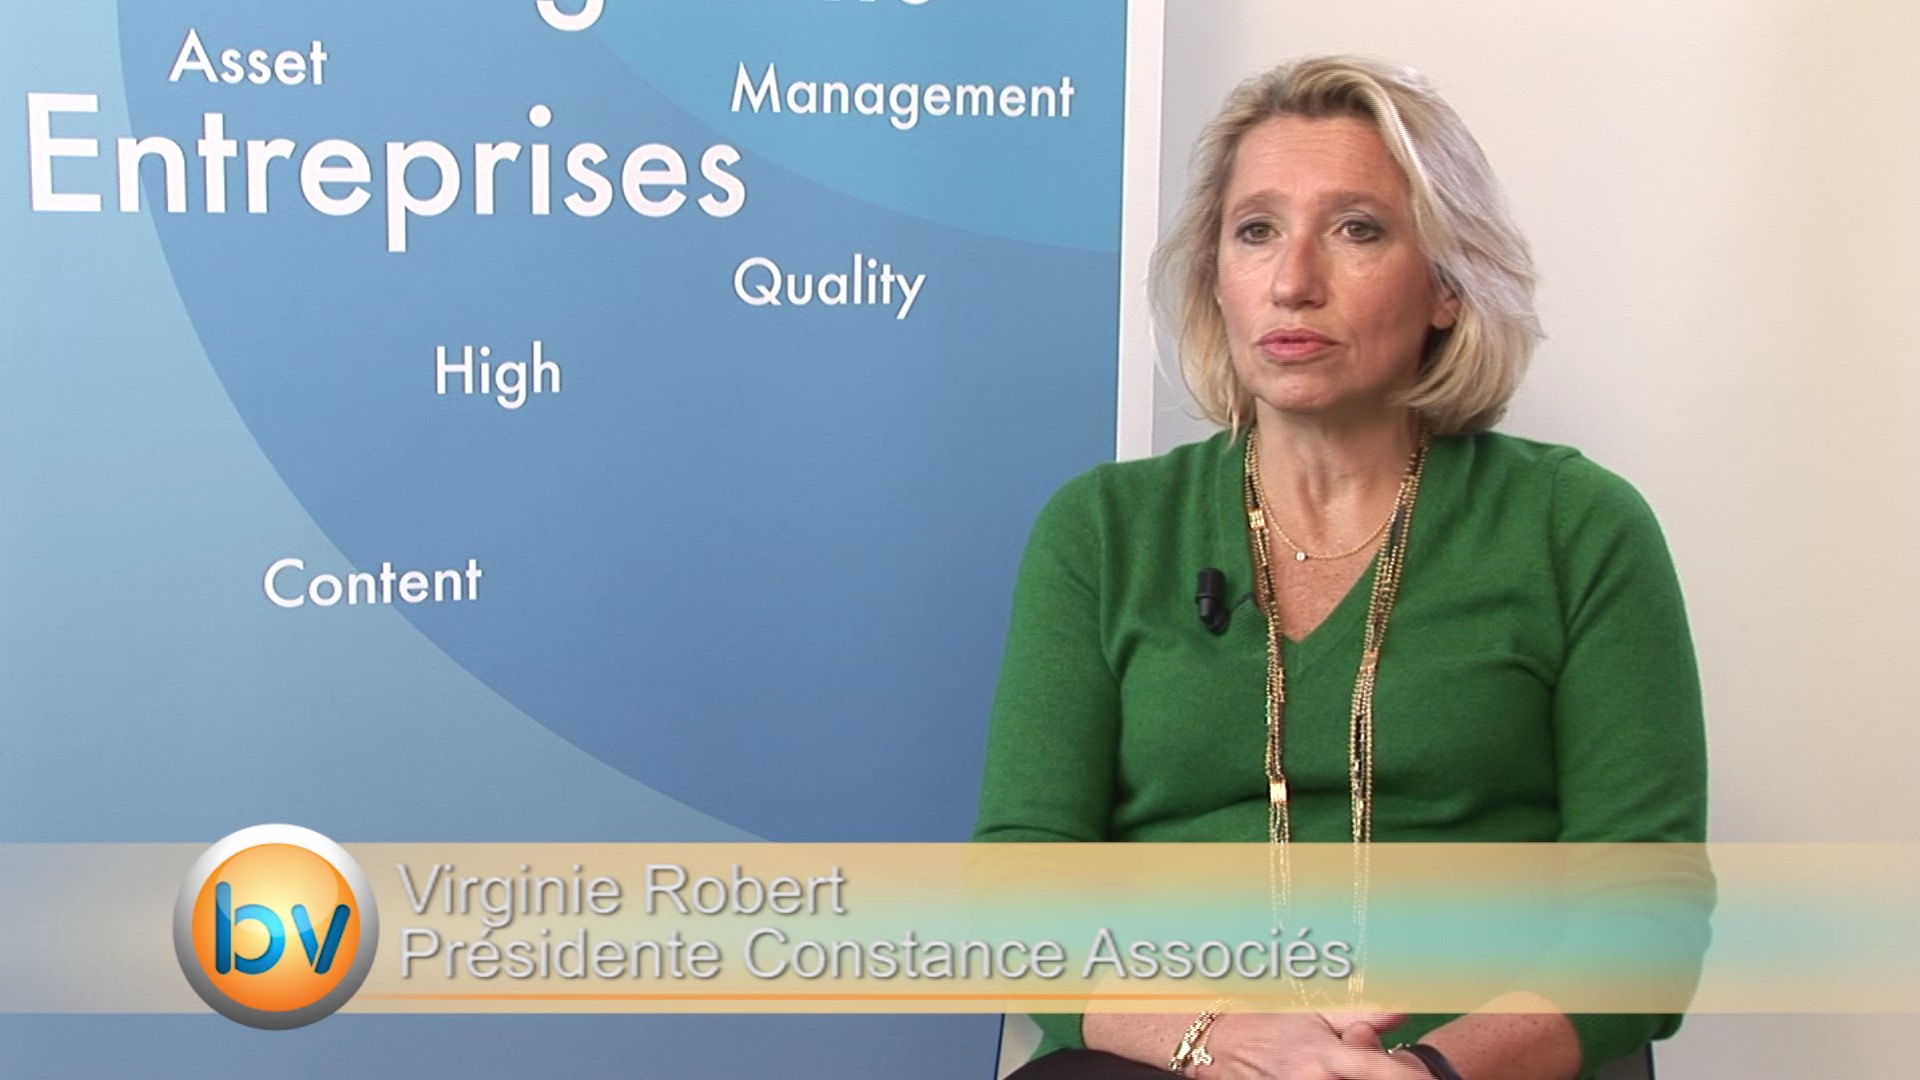 Virginie Robert Présidente Constance Associés : «Les chiffres sont plutôt bons sur les résultats des entreprises»